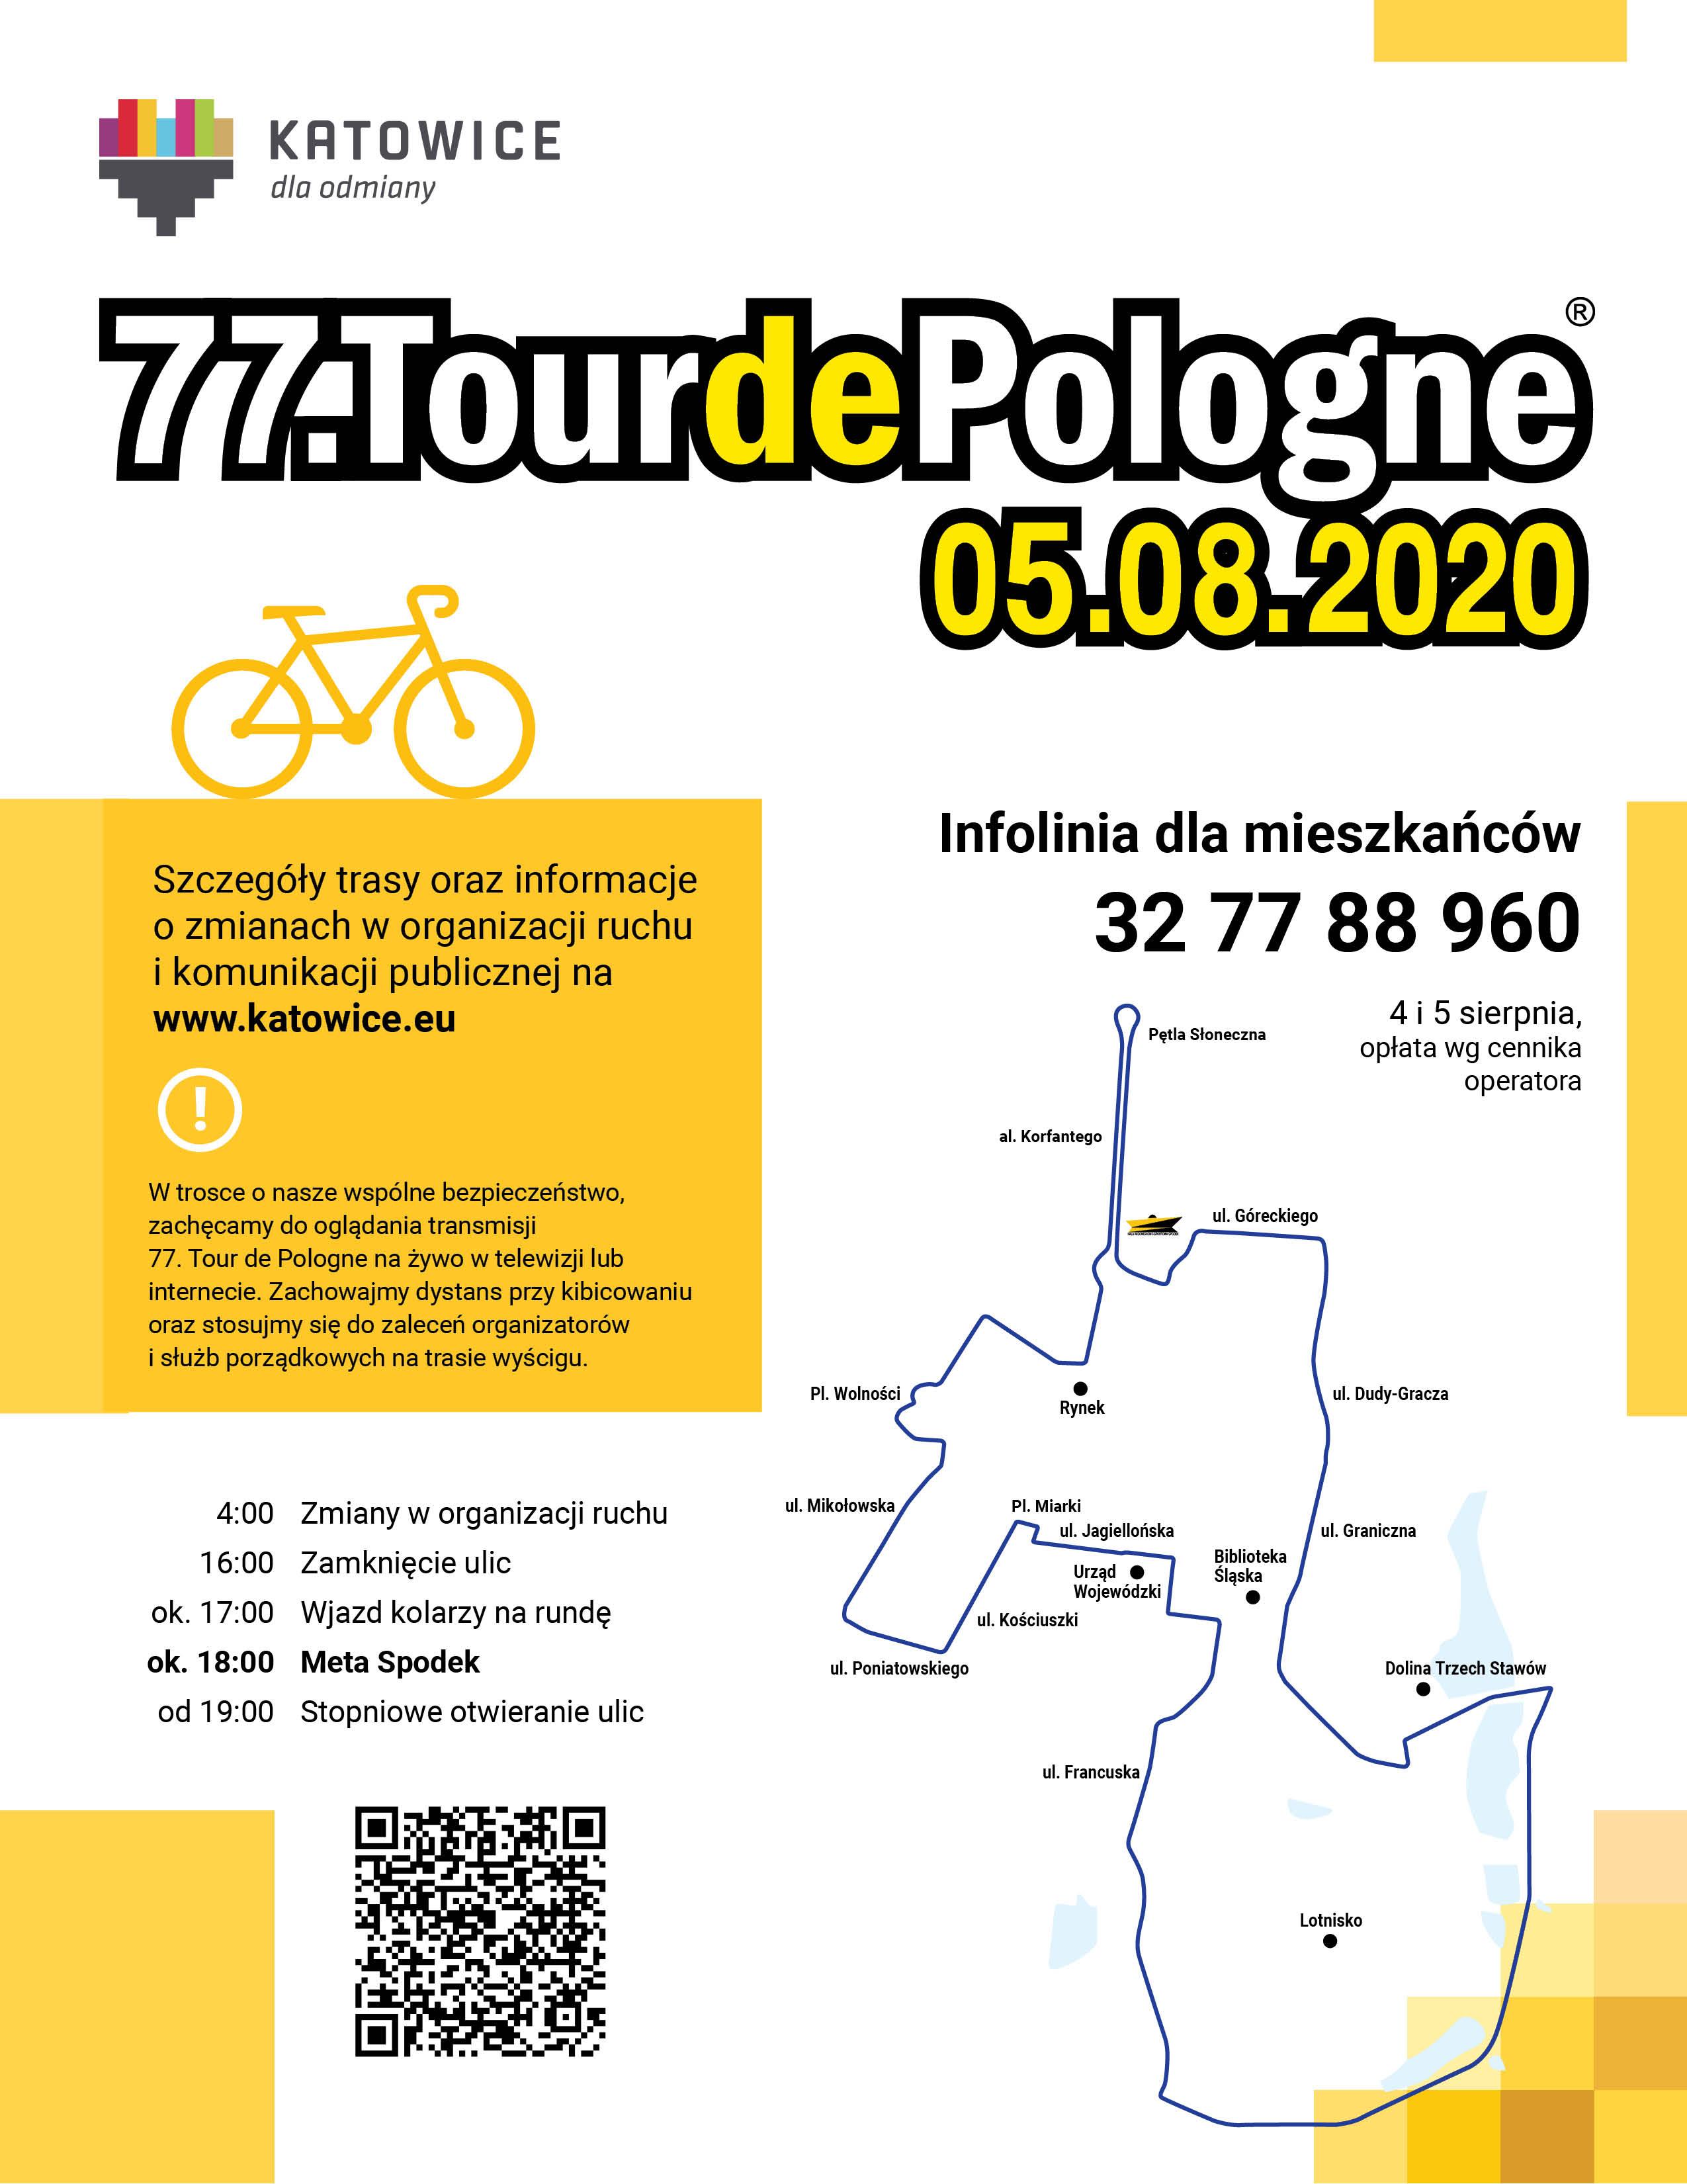 Tour-katowice-a4-02-252-002